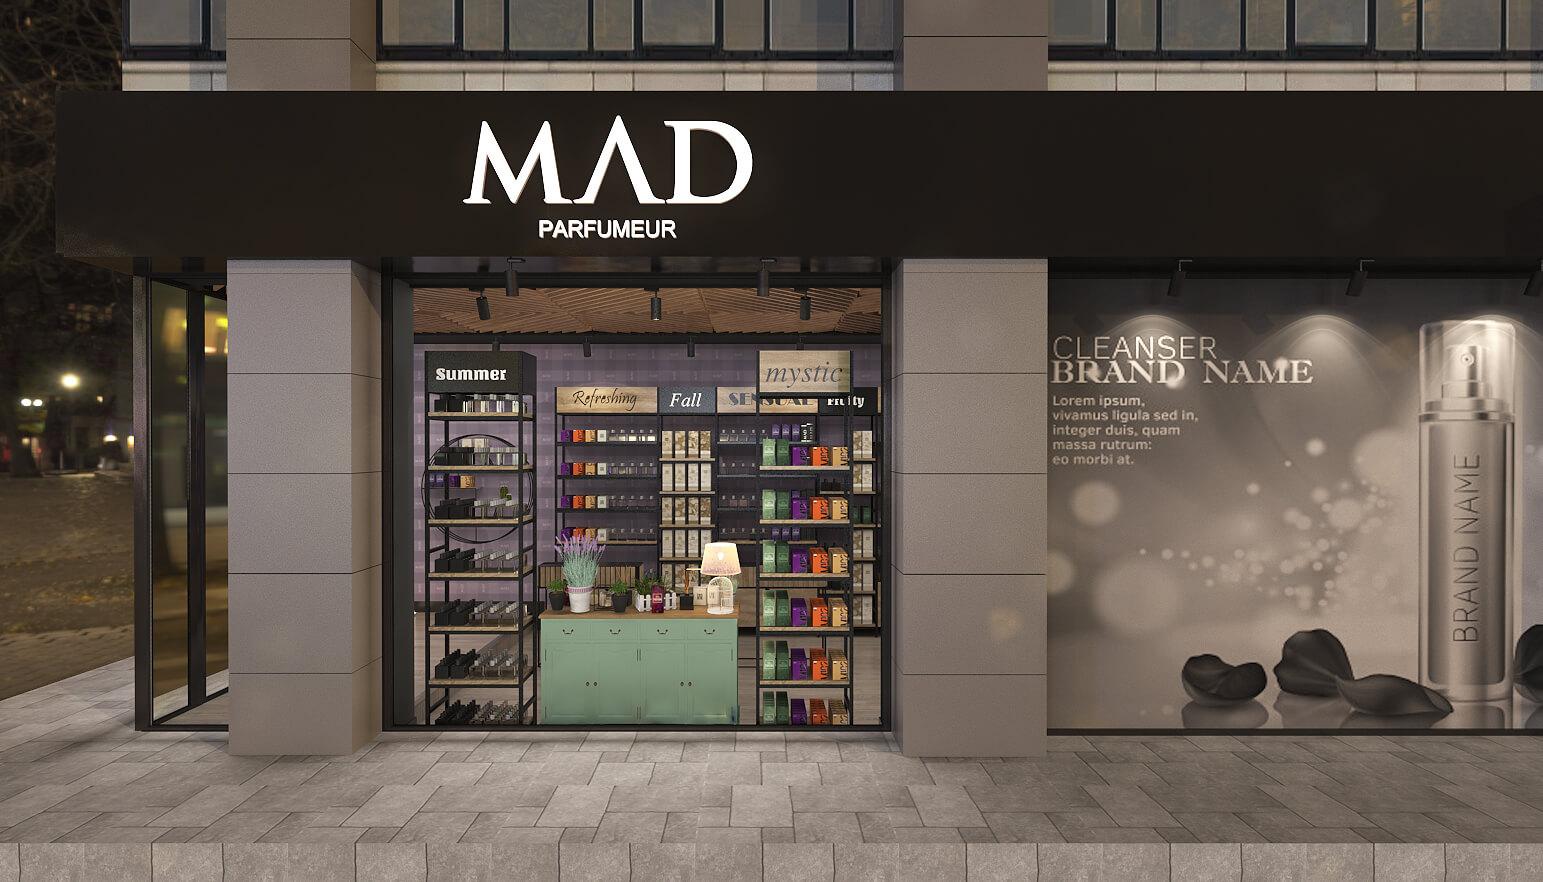 elektrik mağazası tasarımları 3682 MAD Parfumeur Perakende